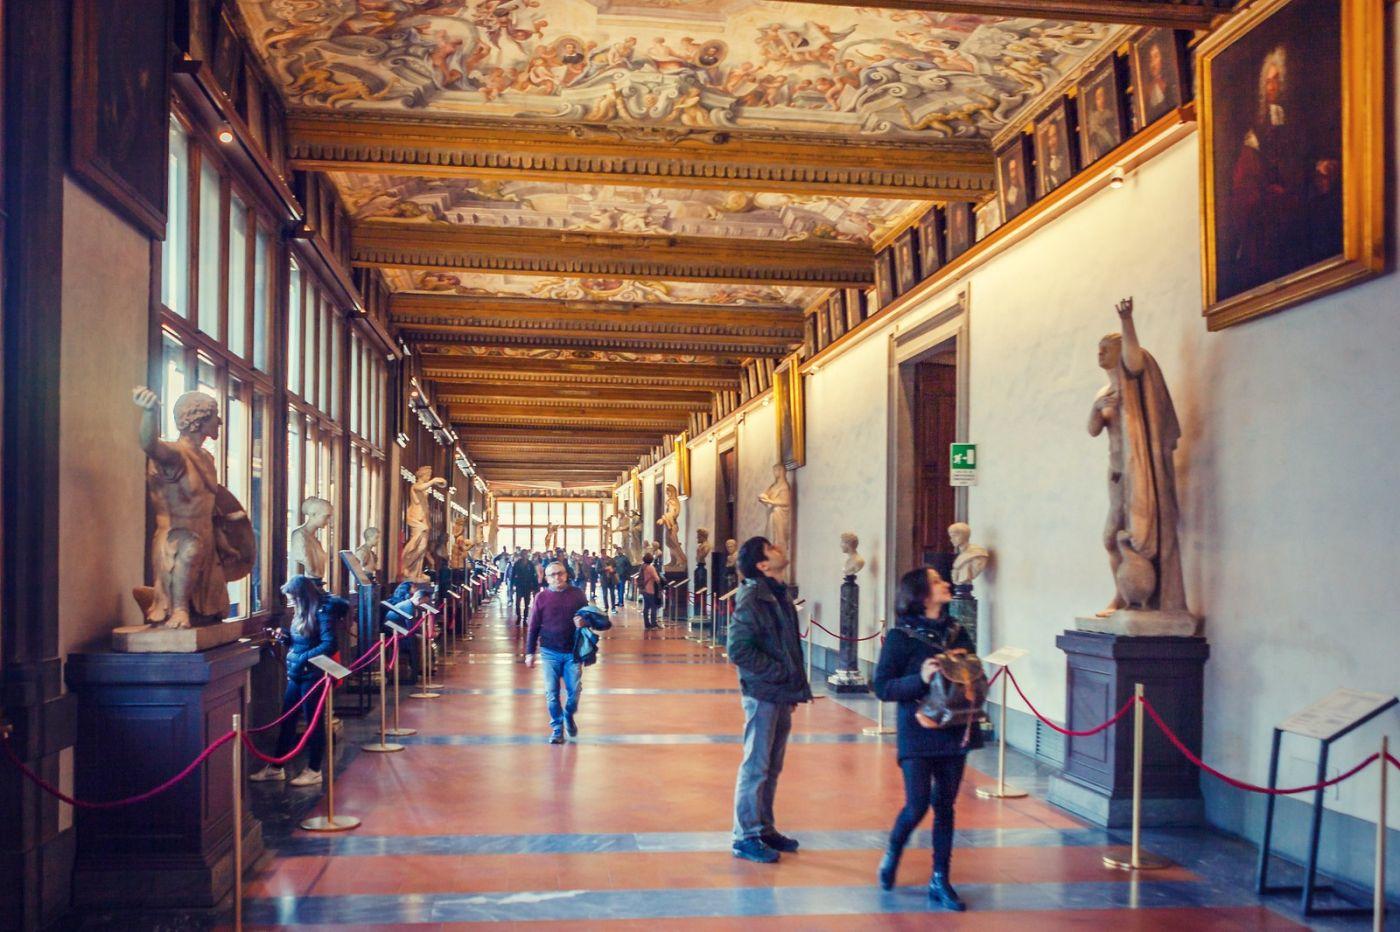 意大利佛罗伦斯乌菲兹美术馆, 进去看一看_图1-32